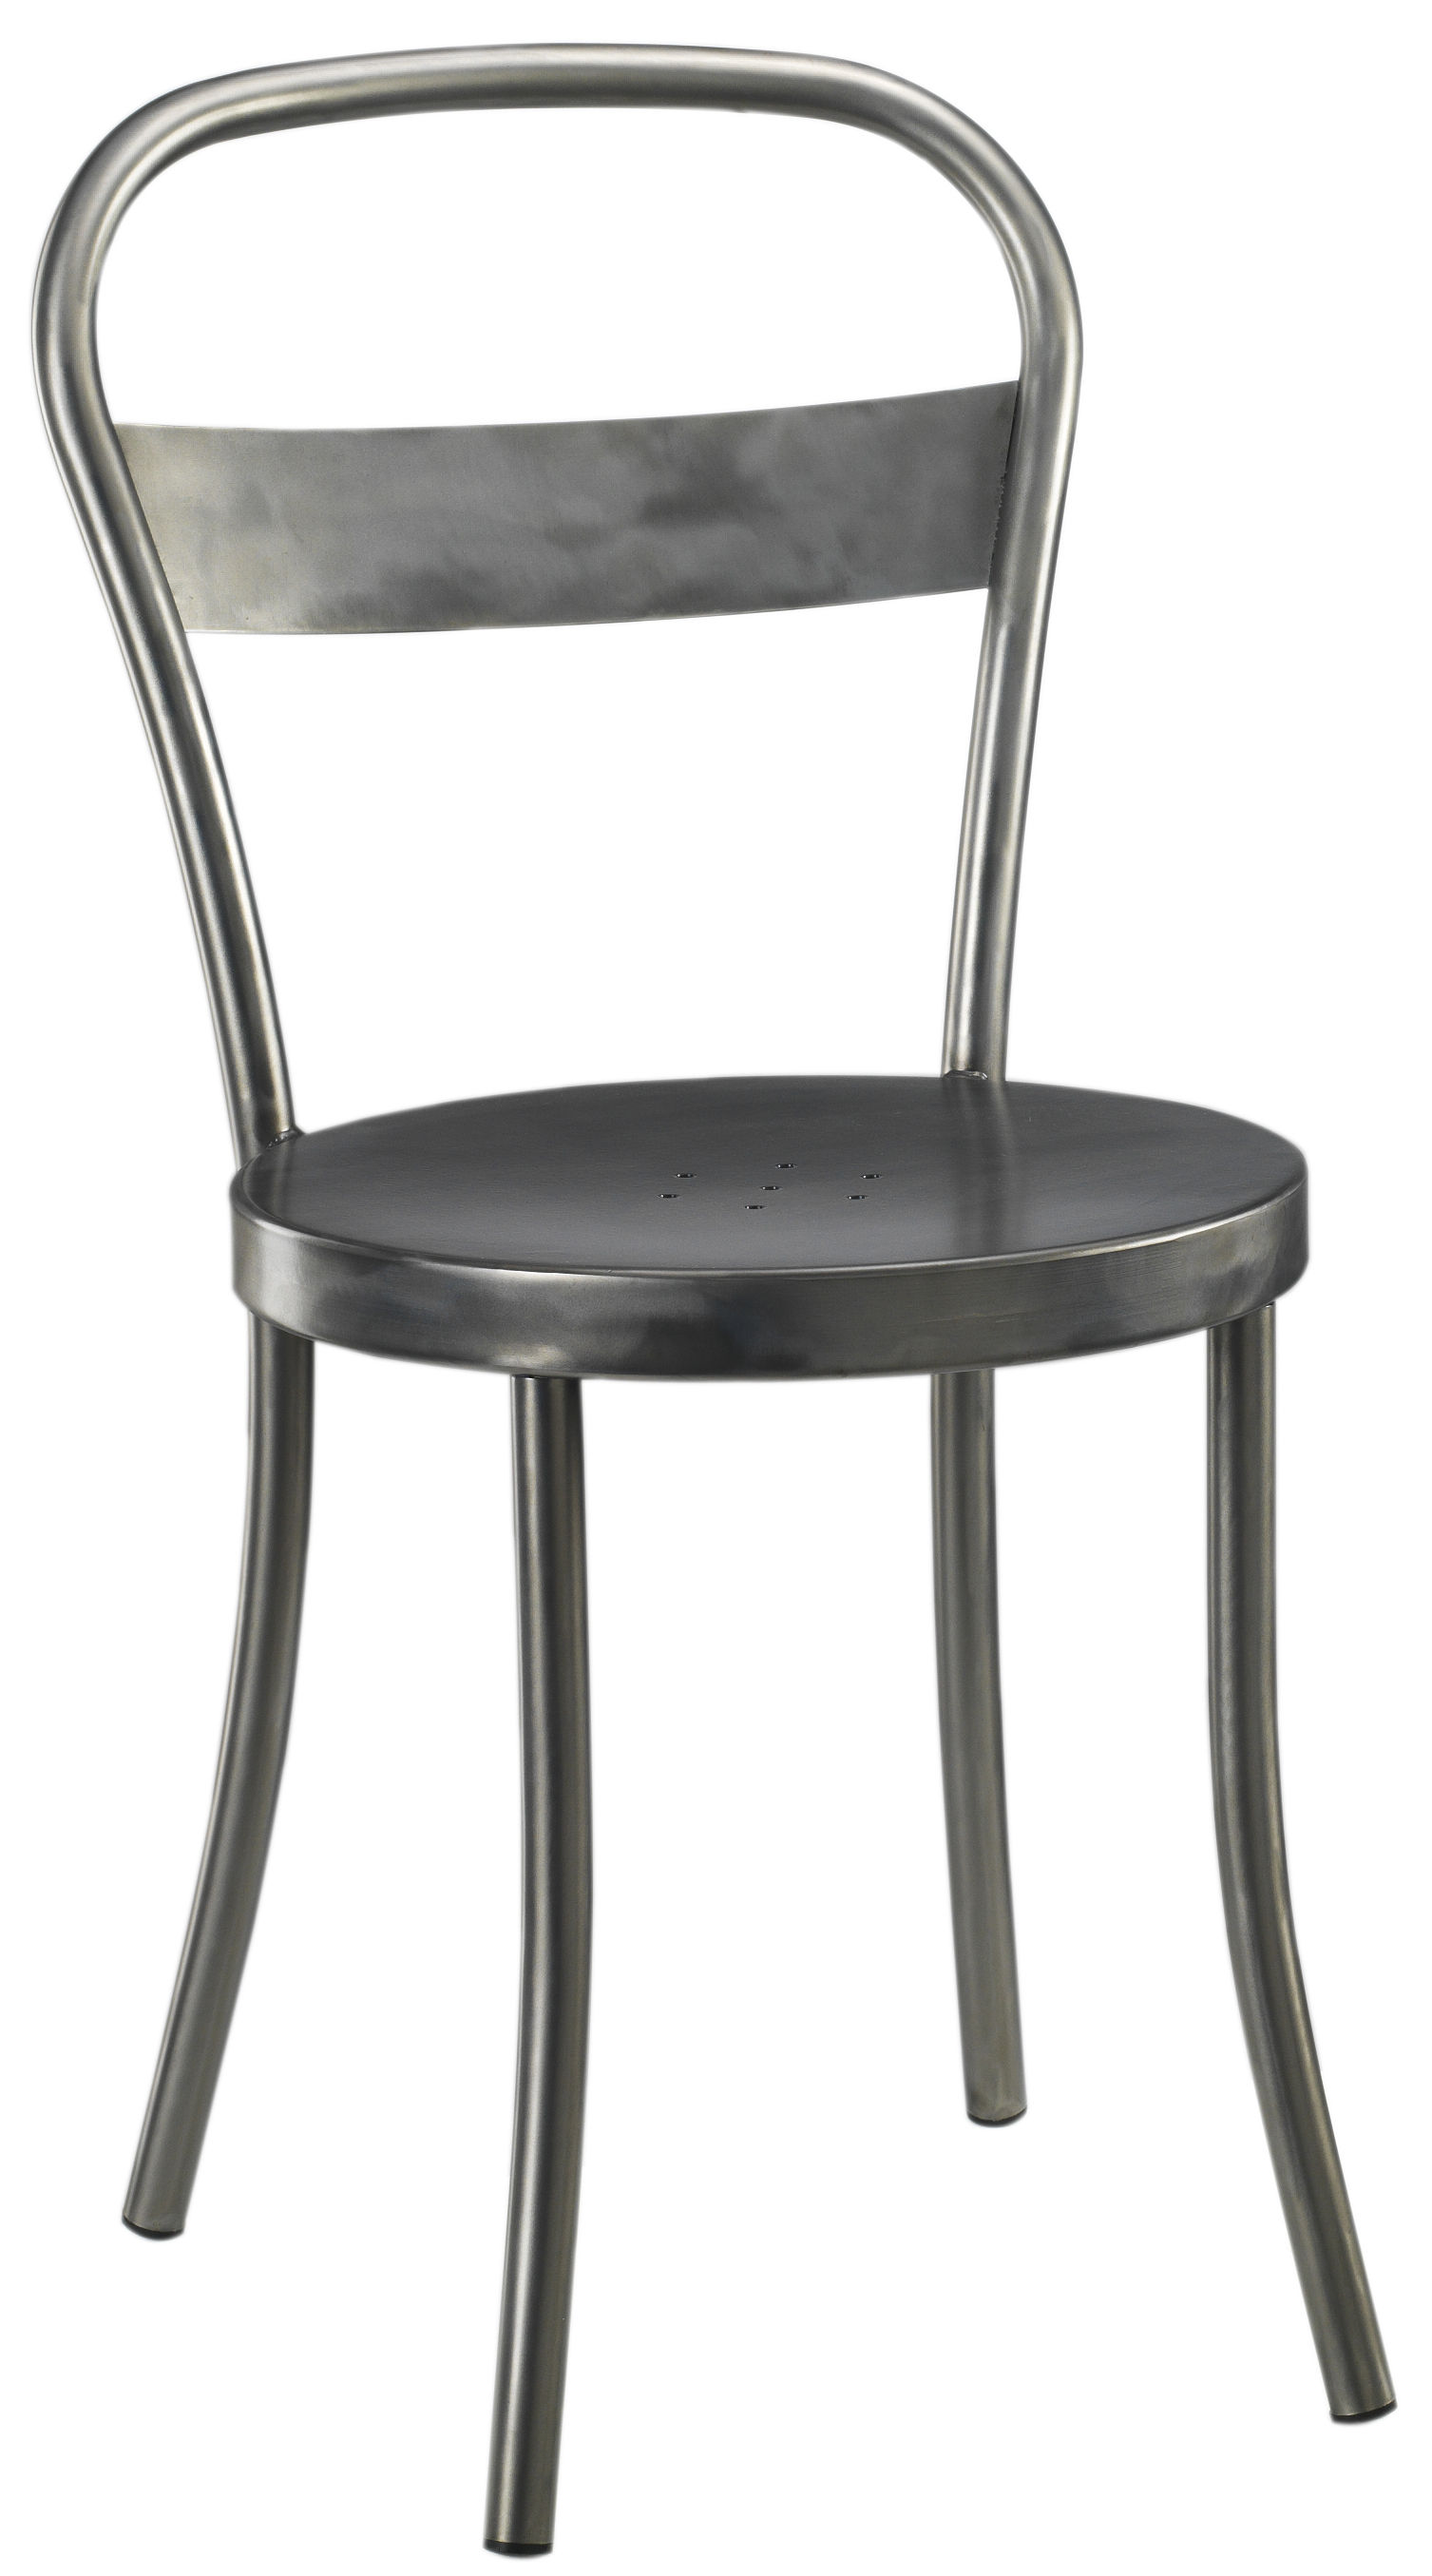 chaise ds n 1 acier bross acier bross souvignet design. Black Bedroom Furniture Sets. Home Design Ideas